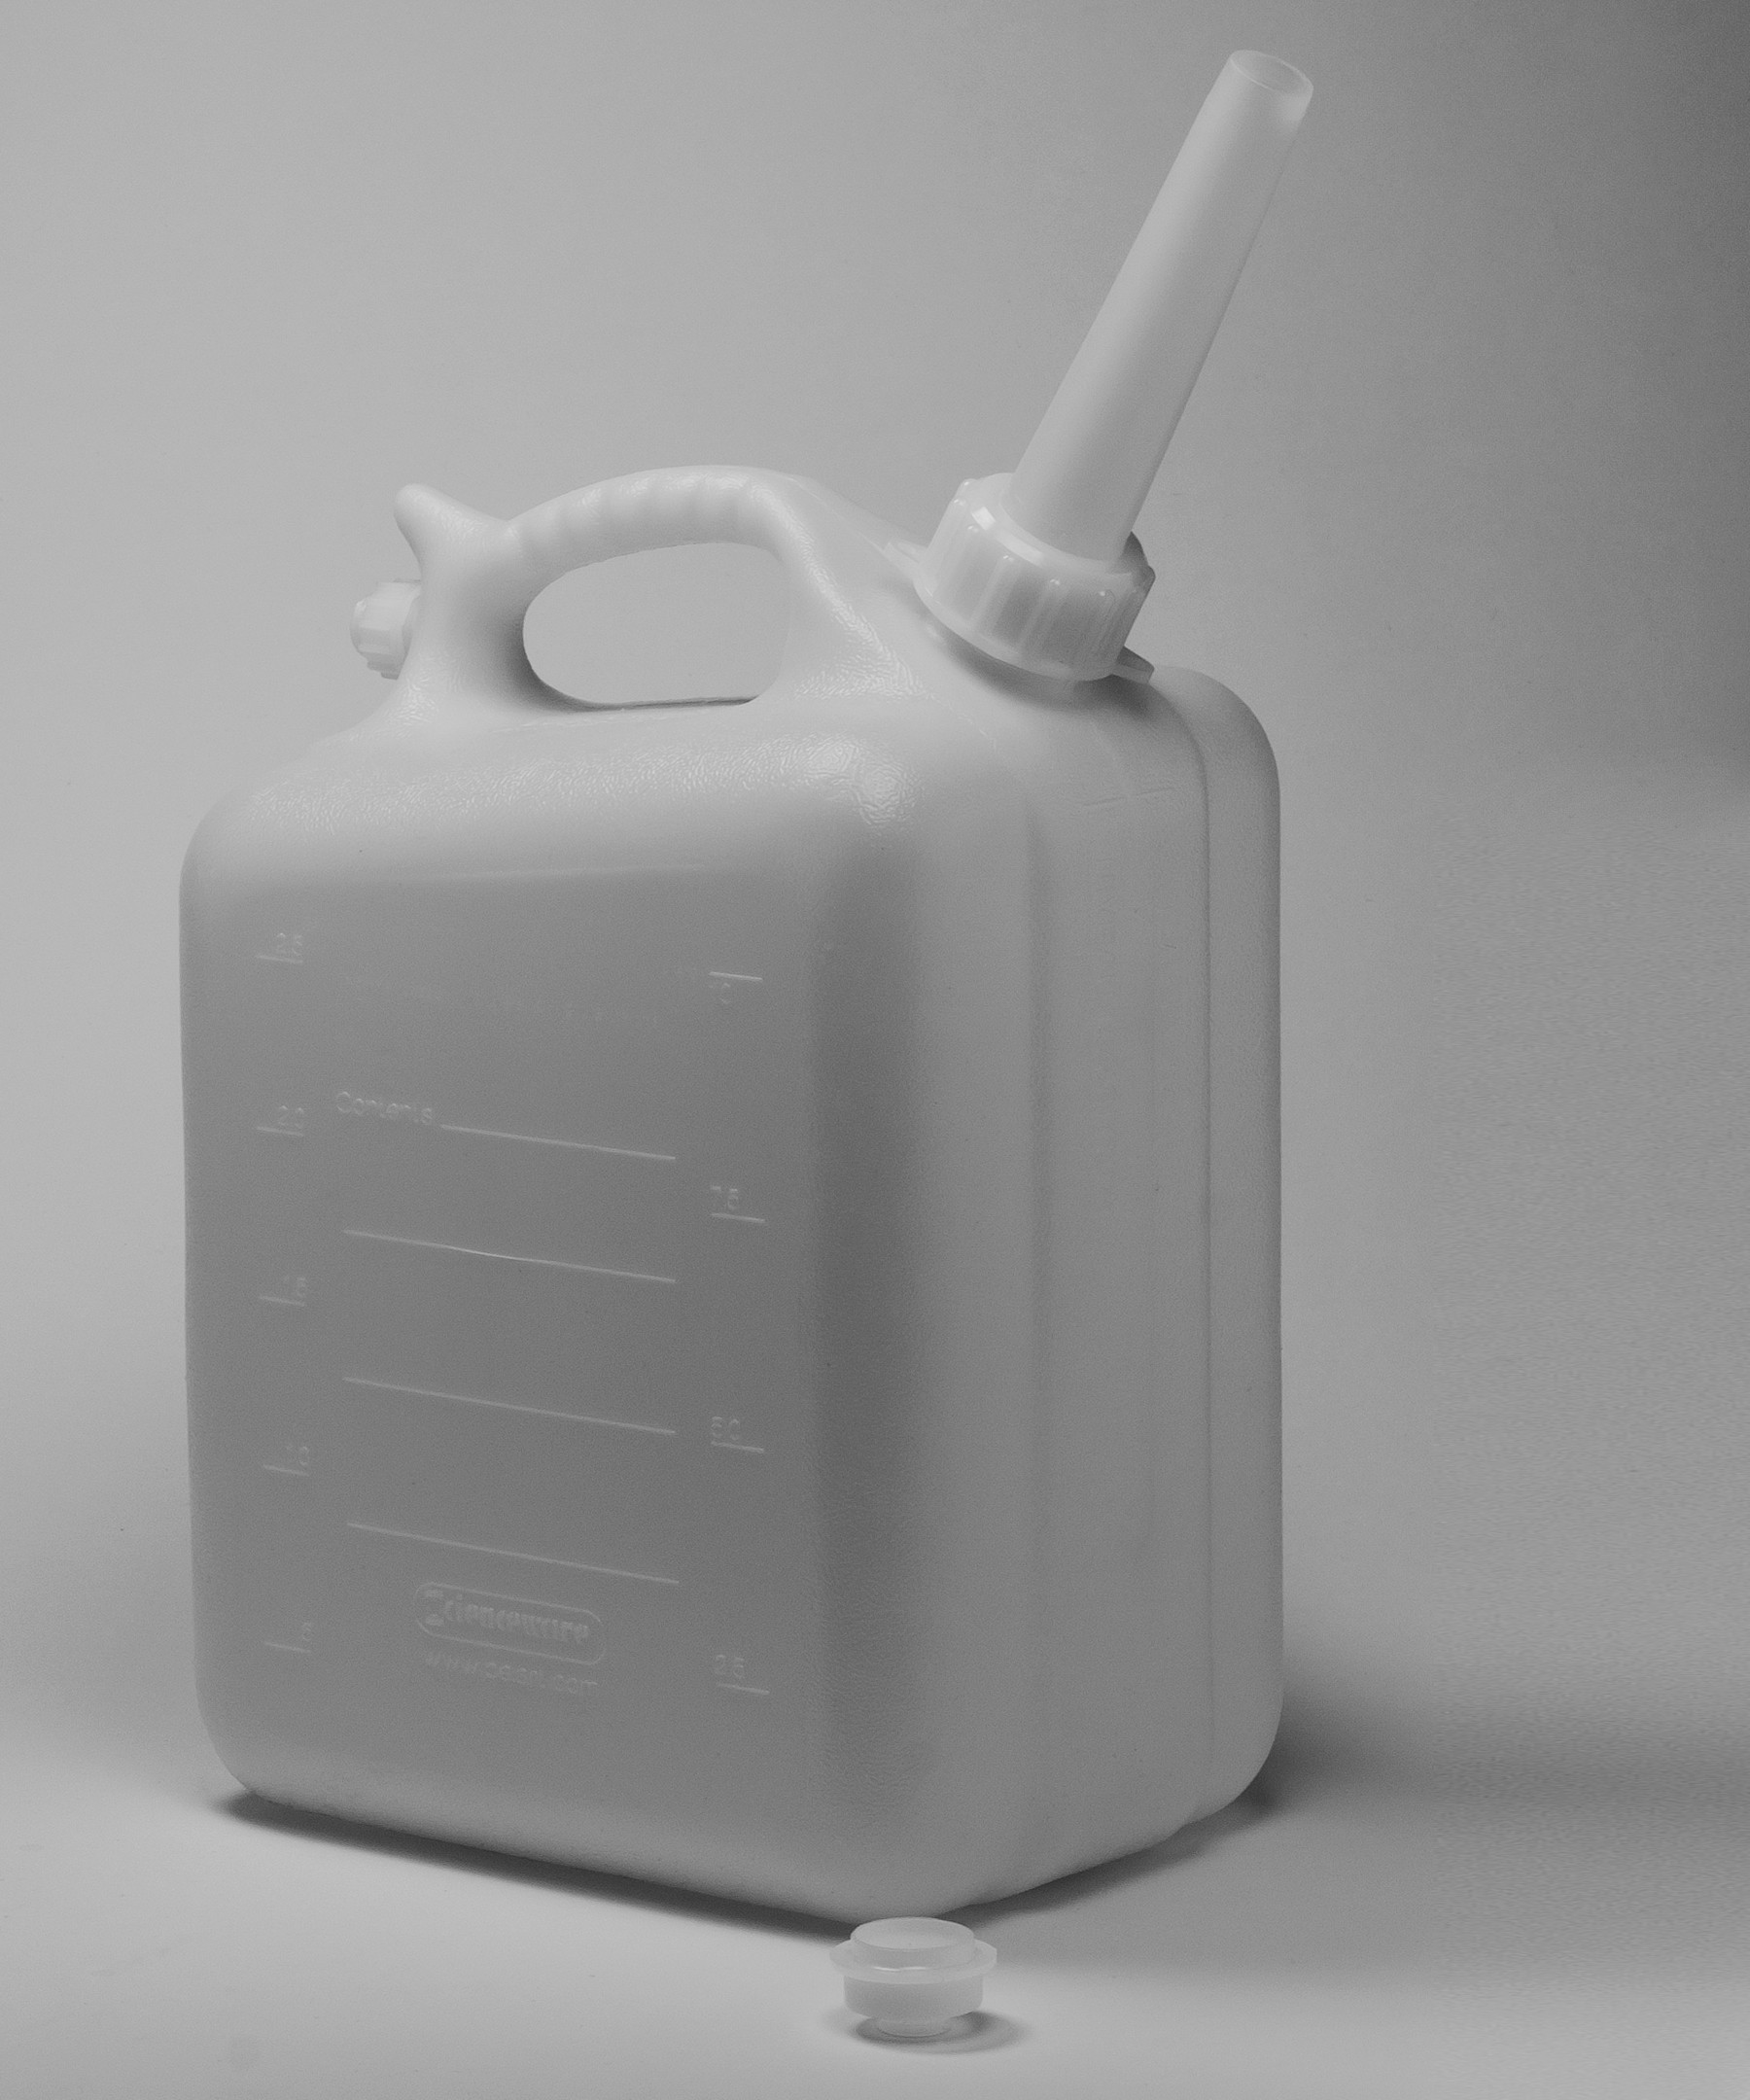 SP Bel-Art Polyethylene Jerrican; 10 Liters (2.5 Gallons), Screw Cap, ¾ in. I.D. Spout